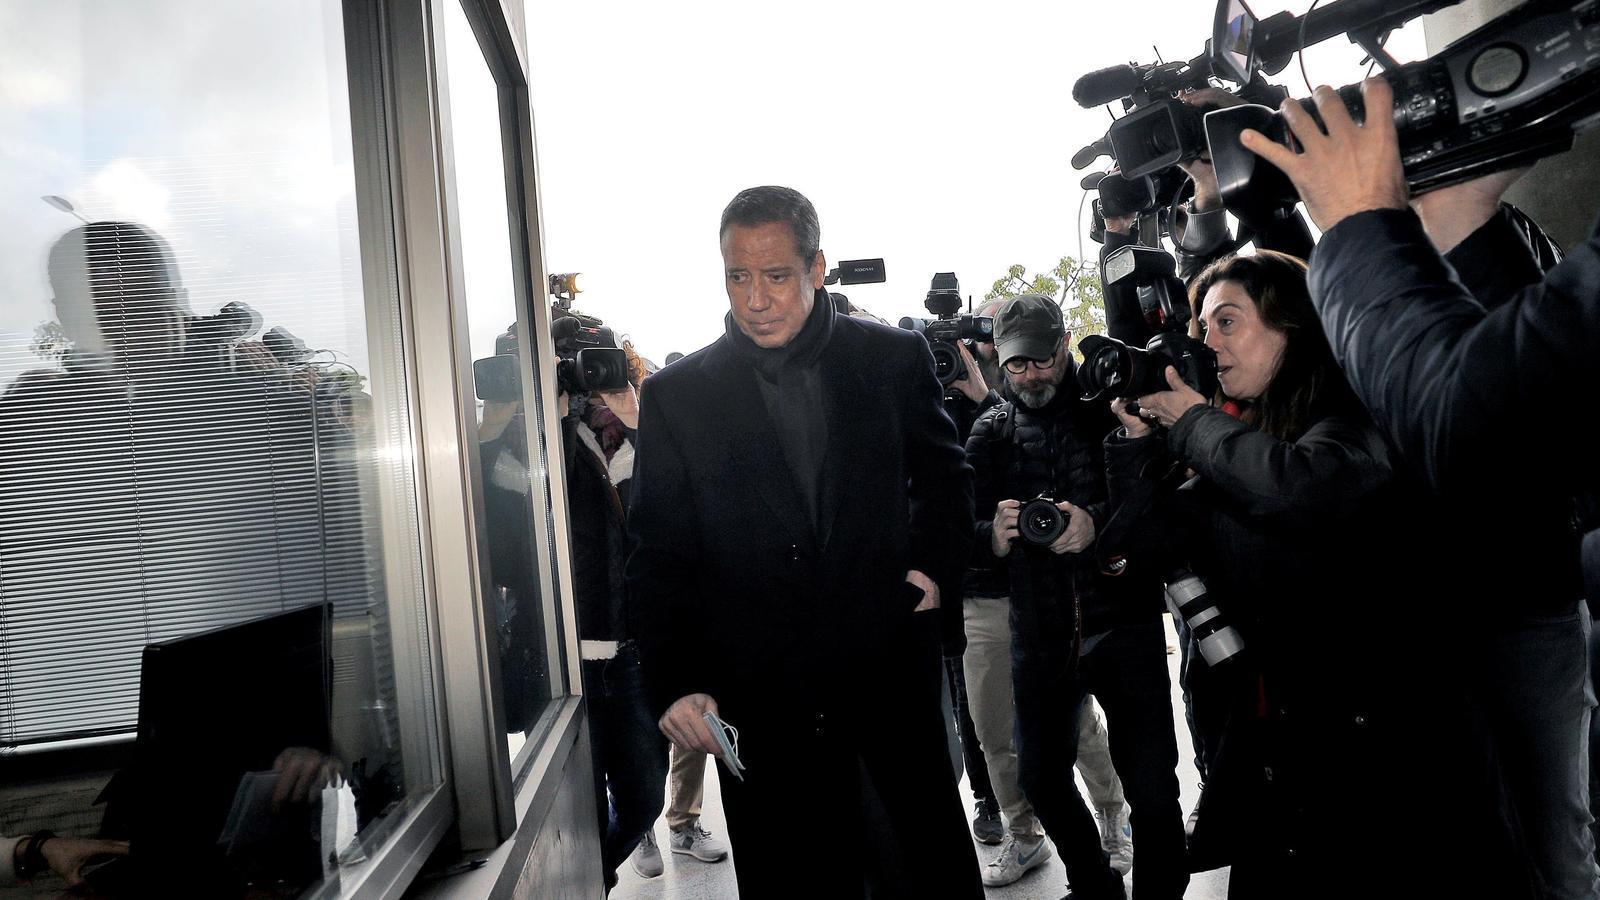 L'expresident del govern valencià, Eduardo Zaplana, ha de signar cada dilluns al jutjat de guàrdia per complir amb el règim de llibertat provisional